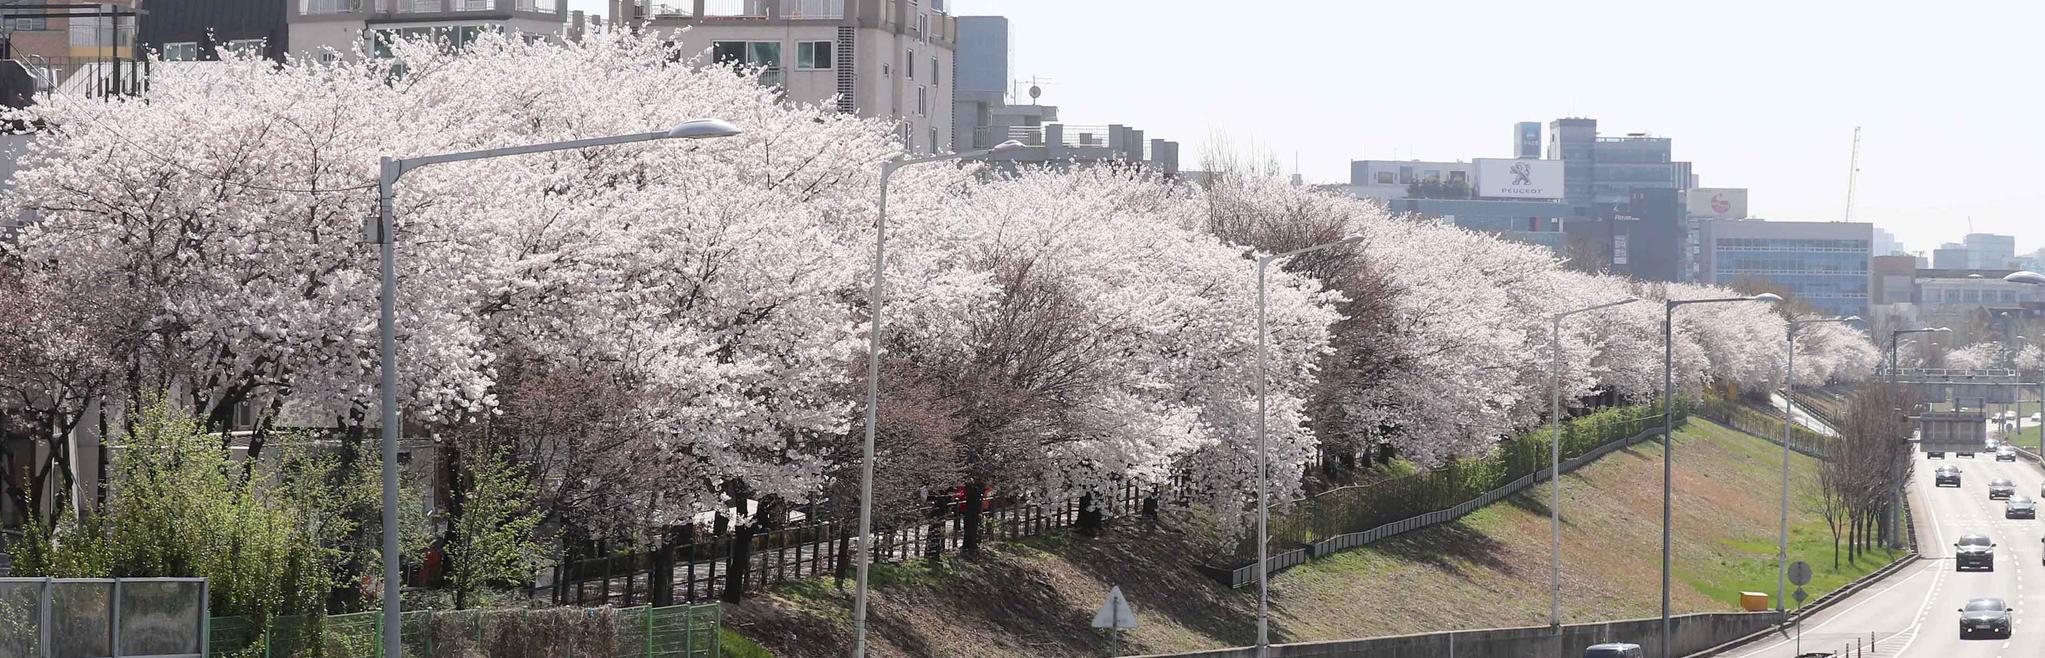 벚꽃 여의도만 있나? 우리동네도 있다~ 서울 벚꽃 11경